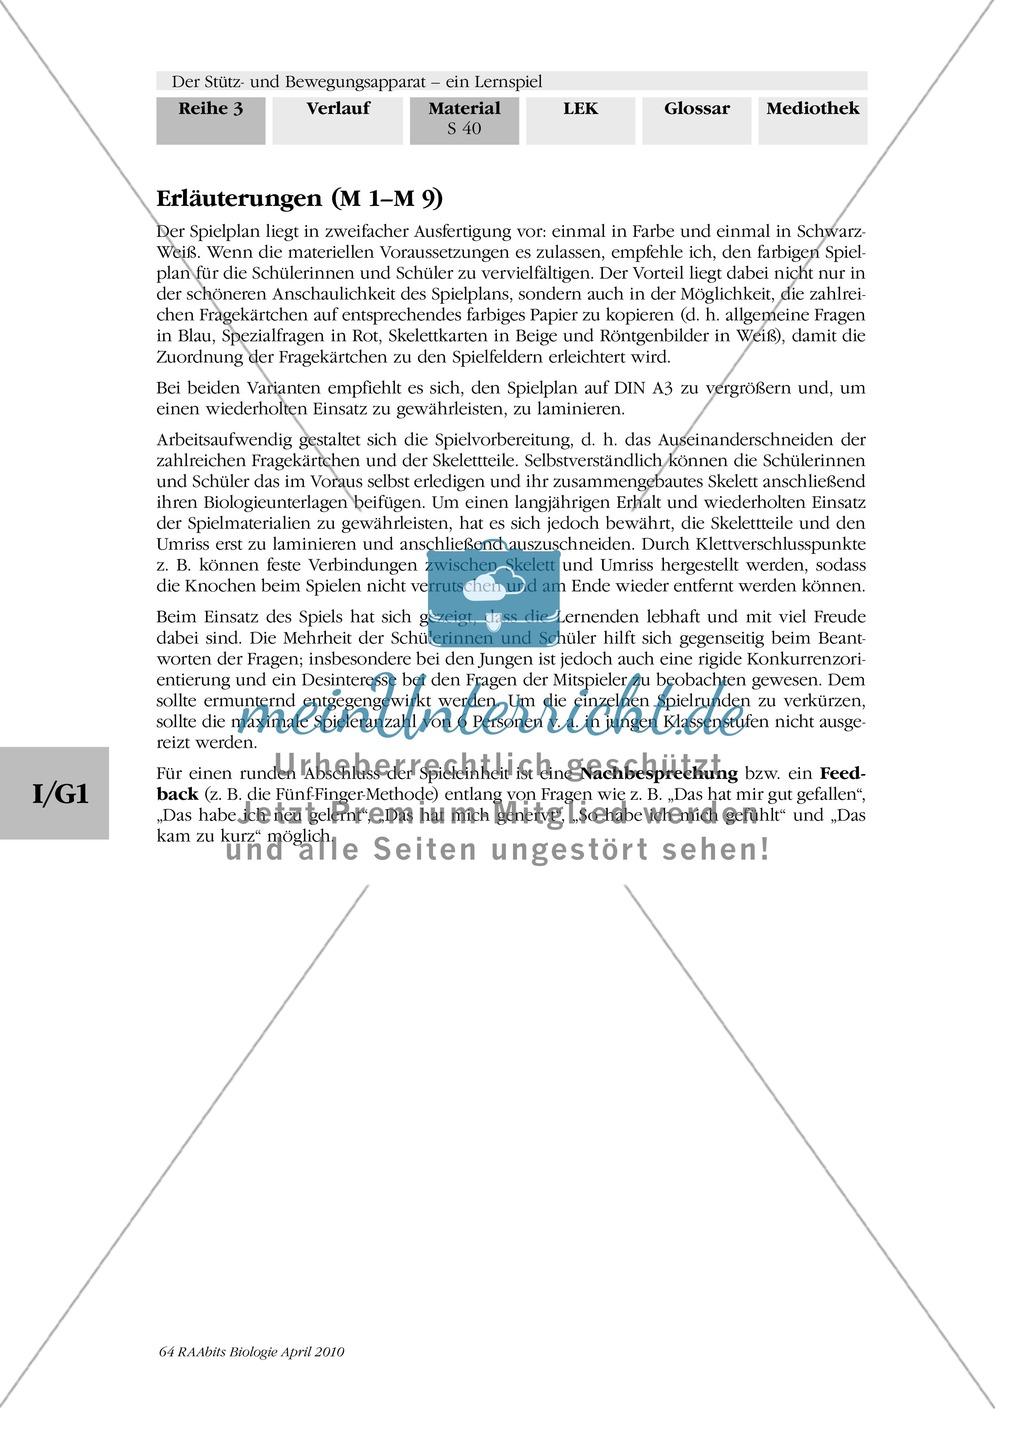 Lernspiel zum Stütz- und Bewegungsapparat: Spielanleitung, Spielfeld, Skelett-Puzzleteile, Fragen, Spielkarten, Röntgenbilder Kontrollbogen, Lösungsbogen Preview 38